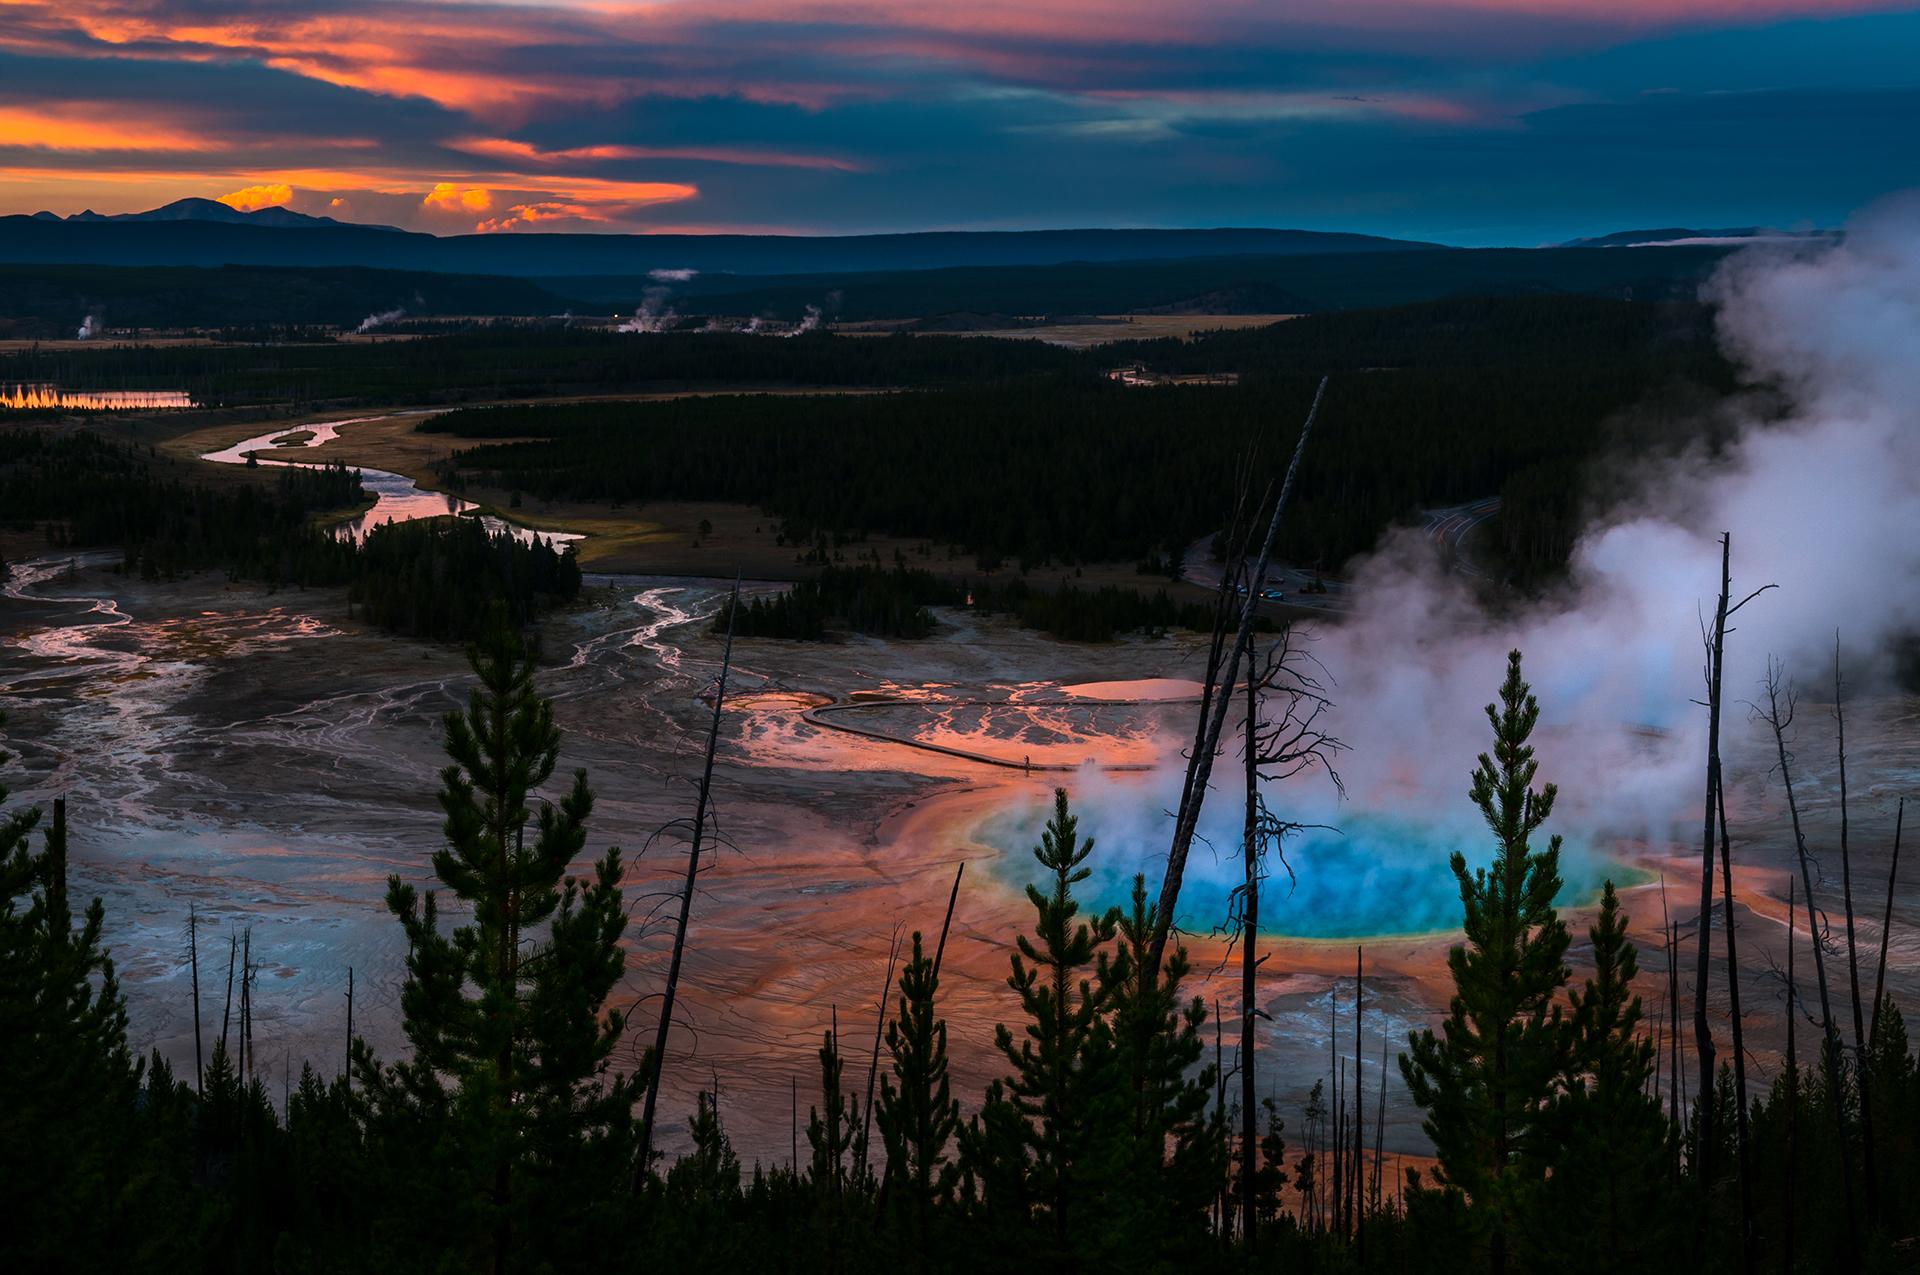 Yellowstone es el primer Parque Nacional de Estados Unidos. Fue creado por el Congreso de Estados Unidos en el año 1872 y es considerado como el primer Parque Nacional del mundo